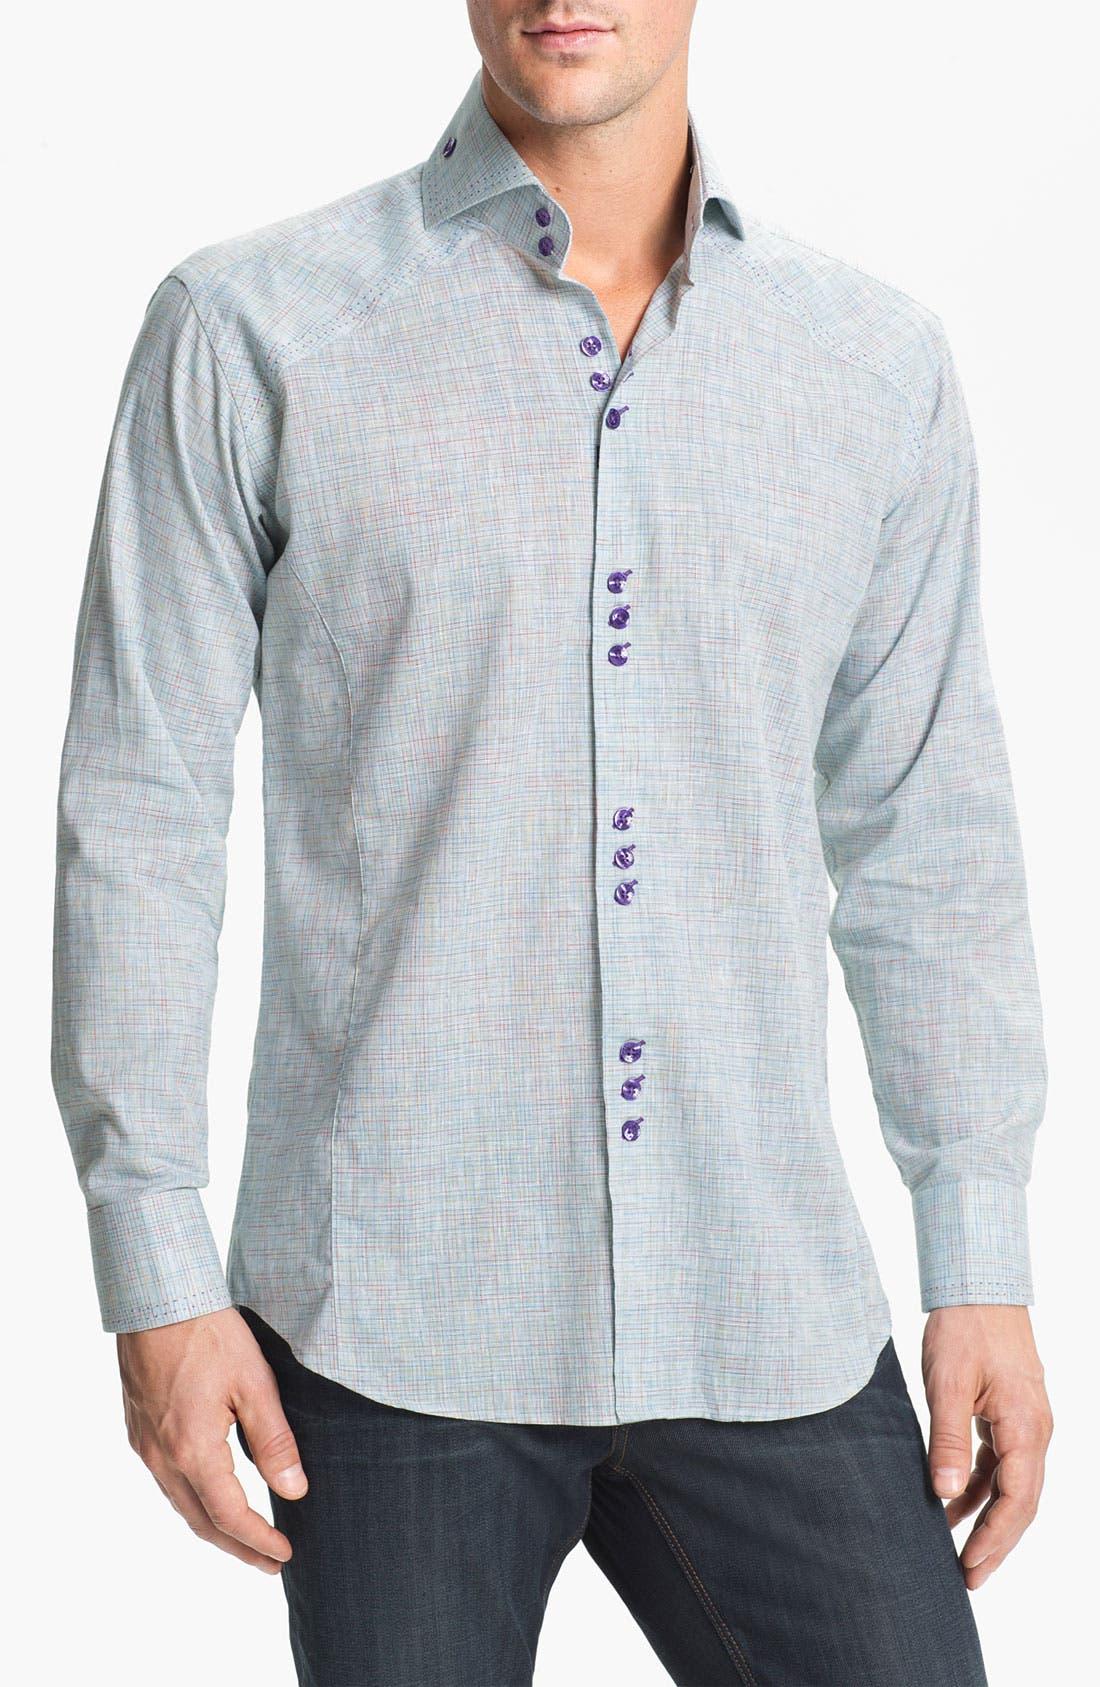 Alternate Image 1 Selected - Bogosse 'Matis 93' Trim Fit Sport Shirt